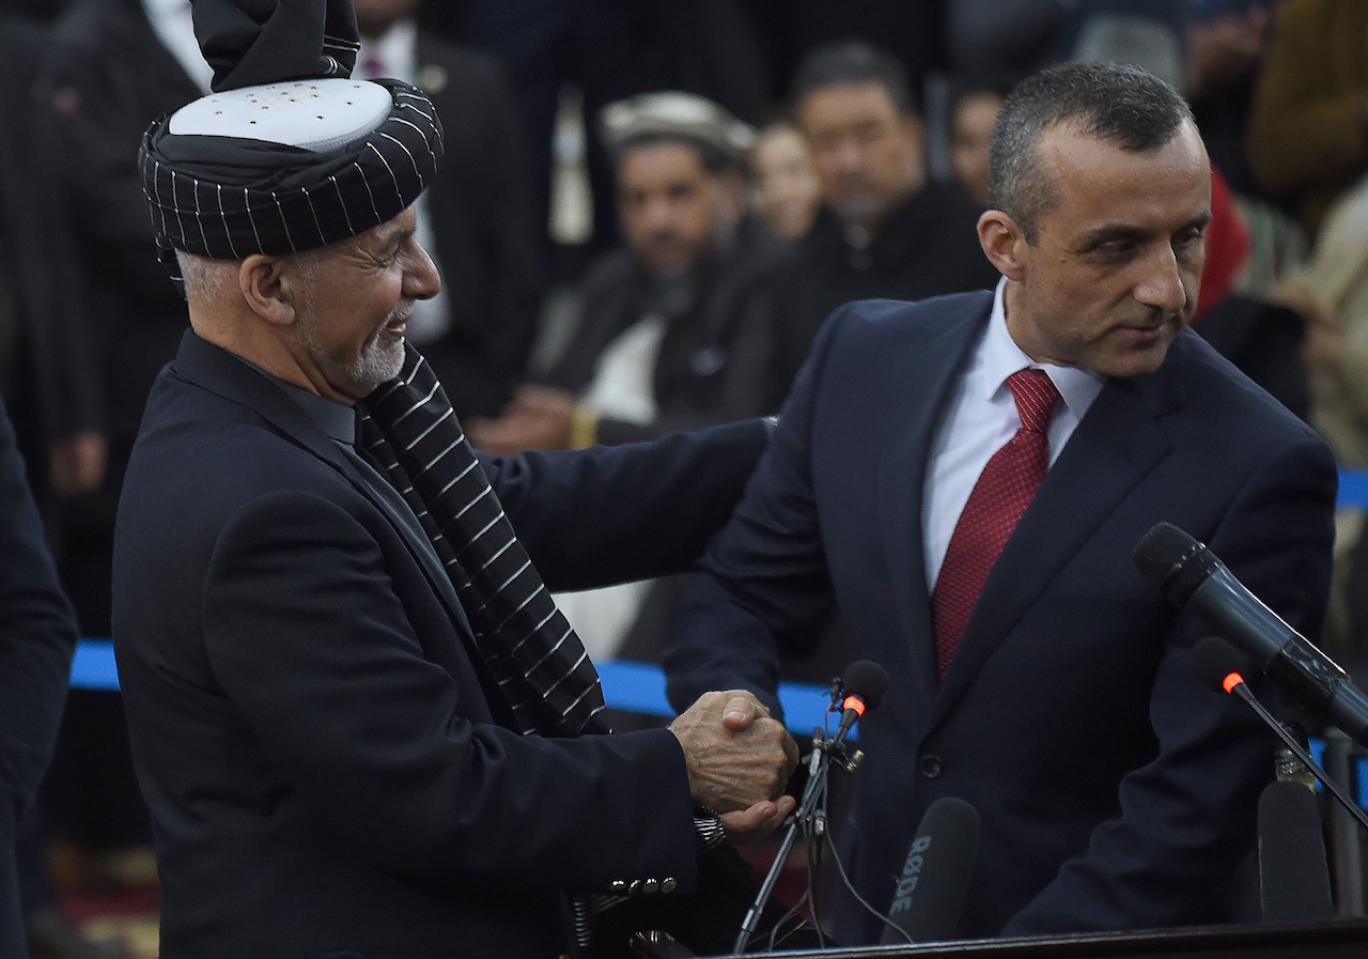 امرالله صالح: ولسمشر غني خپله کړې ژمنه پوره نهکړه؛